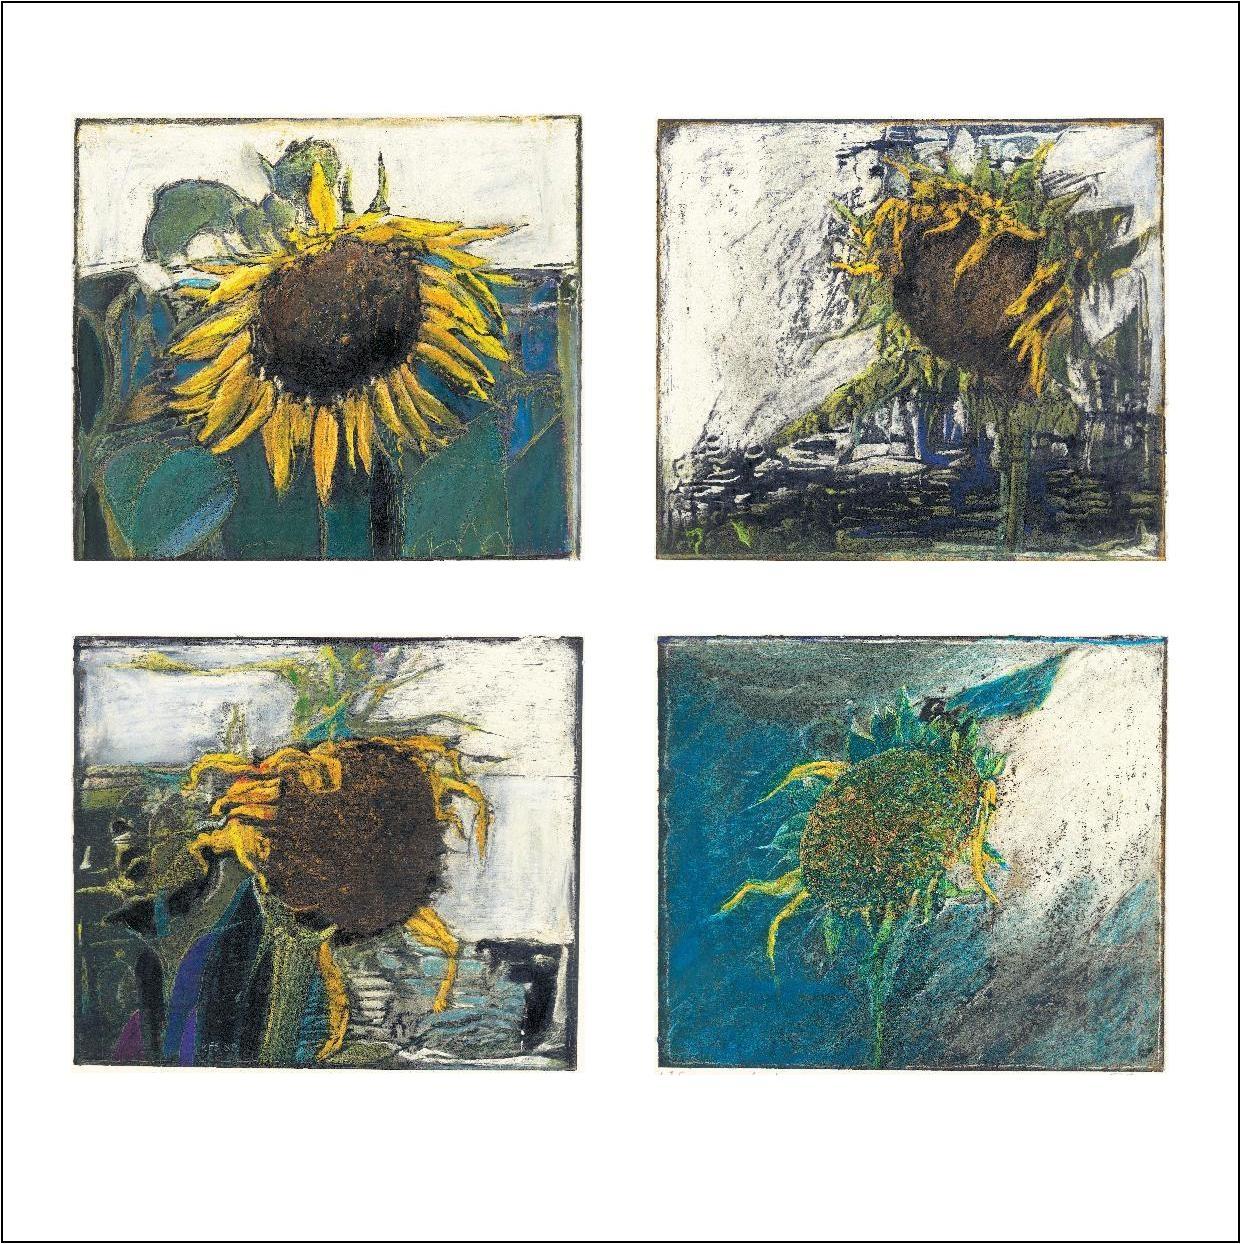 20_Sonnenblumen_Ausstellung 3_Bild_20